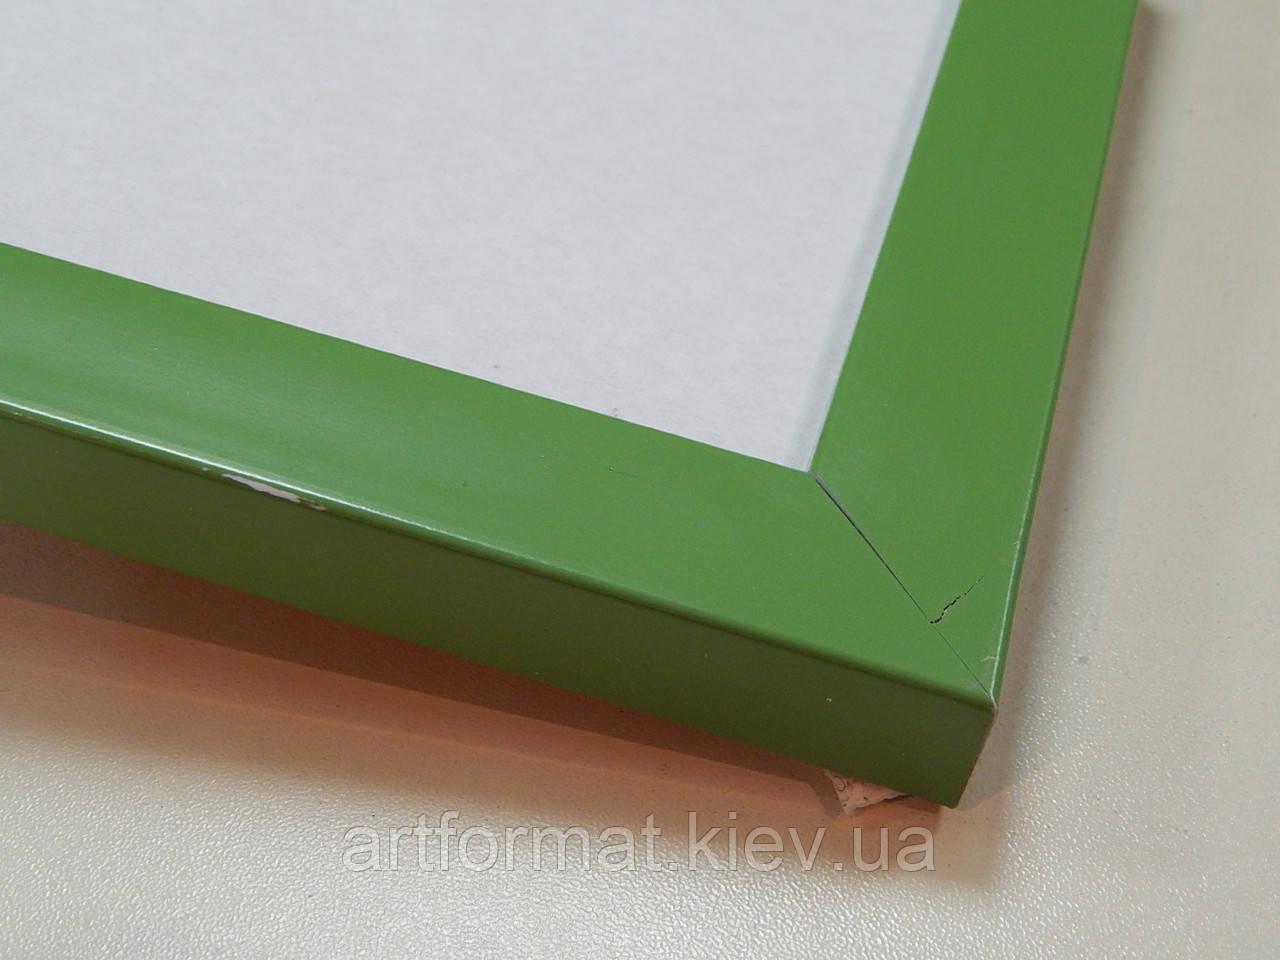 Рамка А2(420х594).Профиль 22 мм.Зеленый матовый.